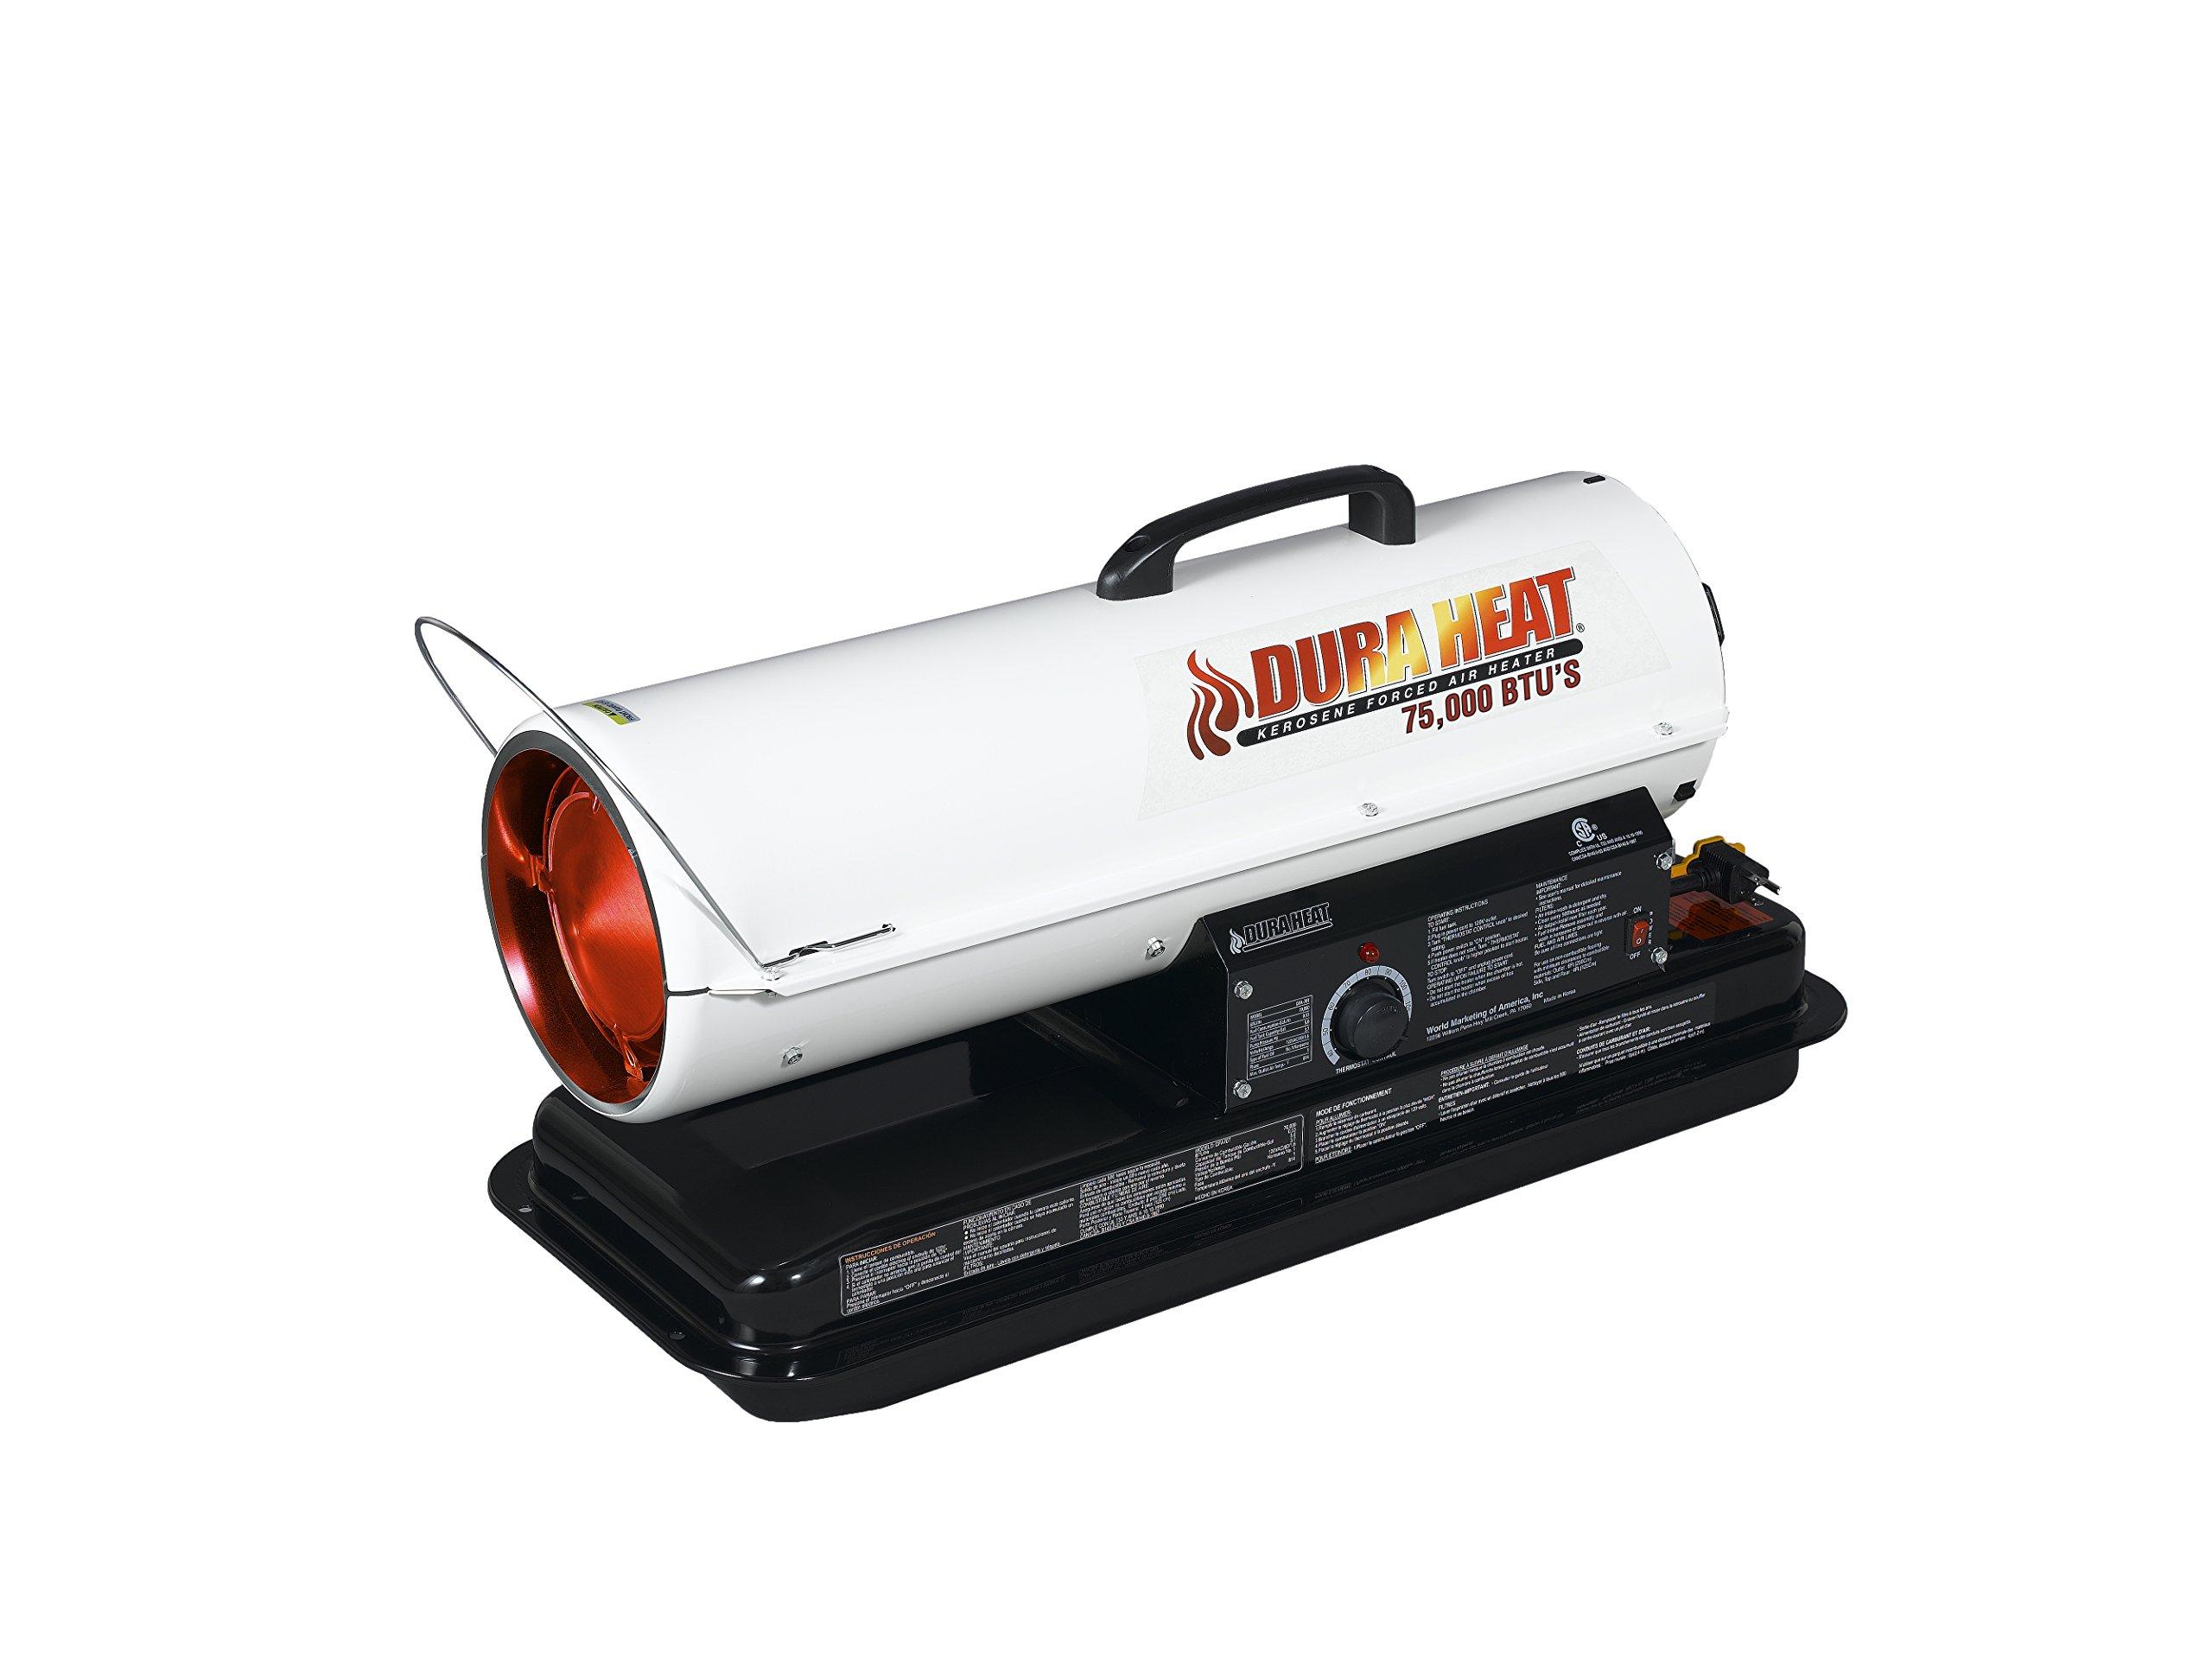 Dura Heat Portable Forced Air Heater, 75,000 BTU - DFA75T